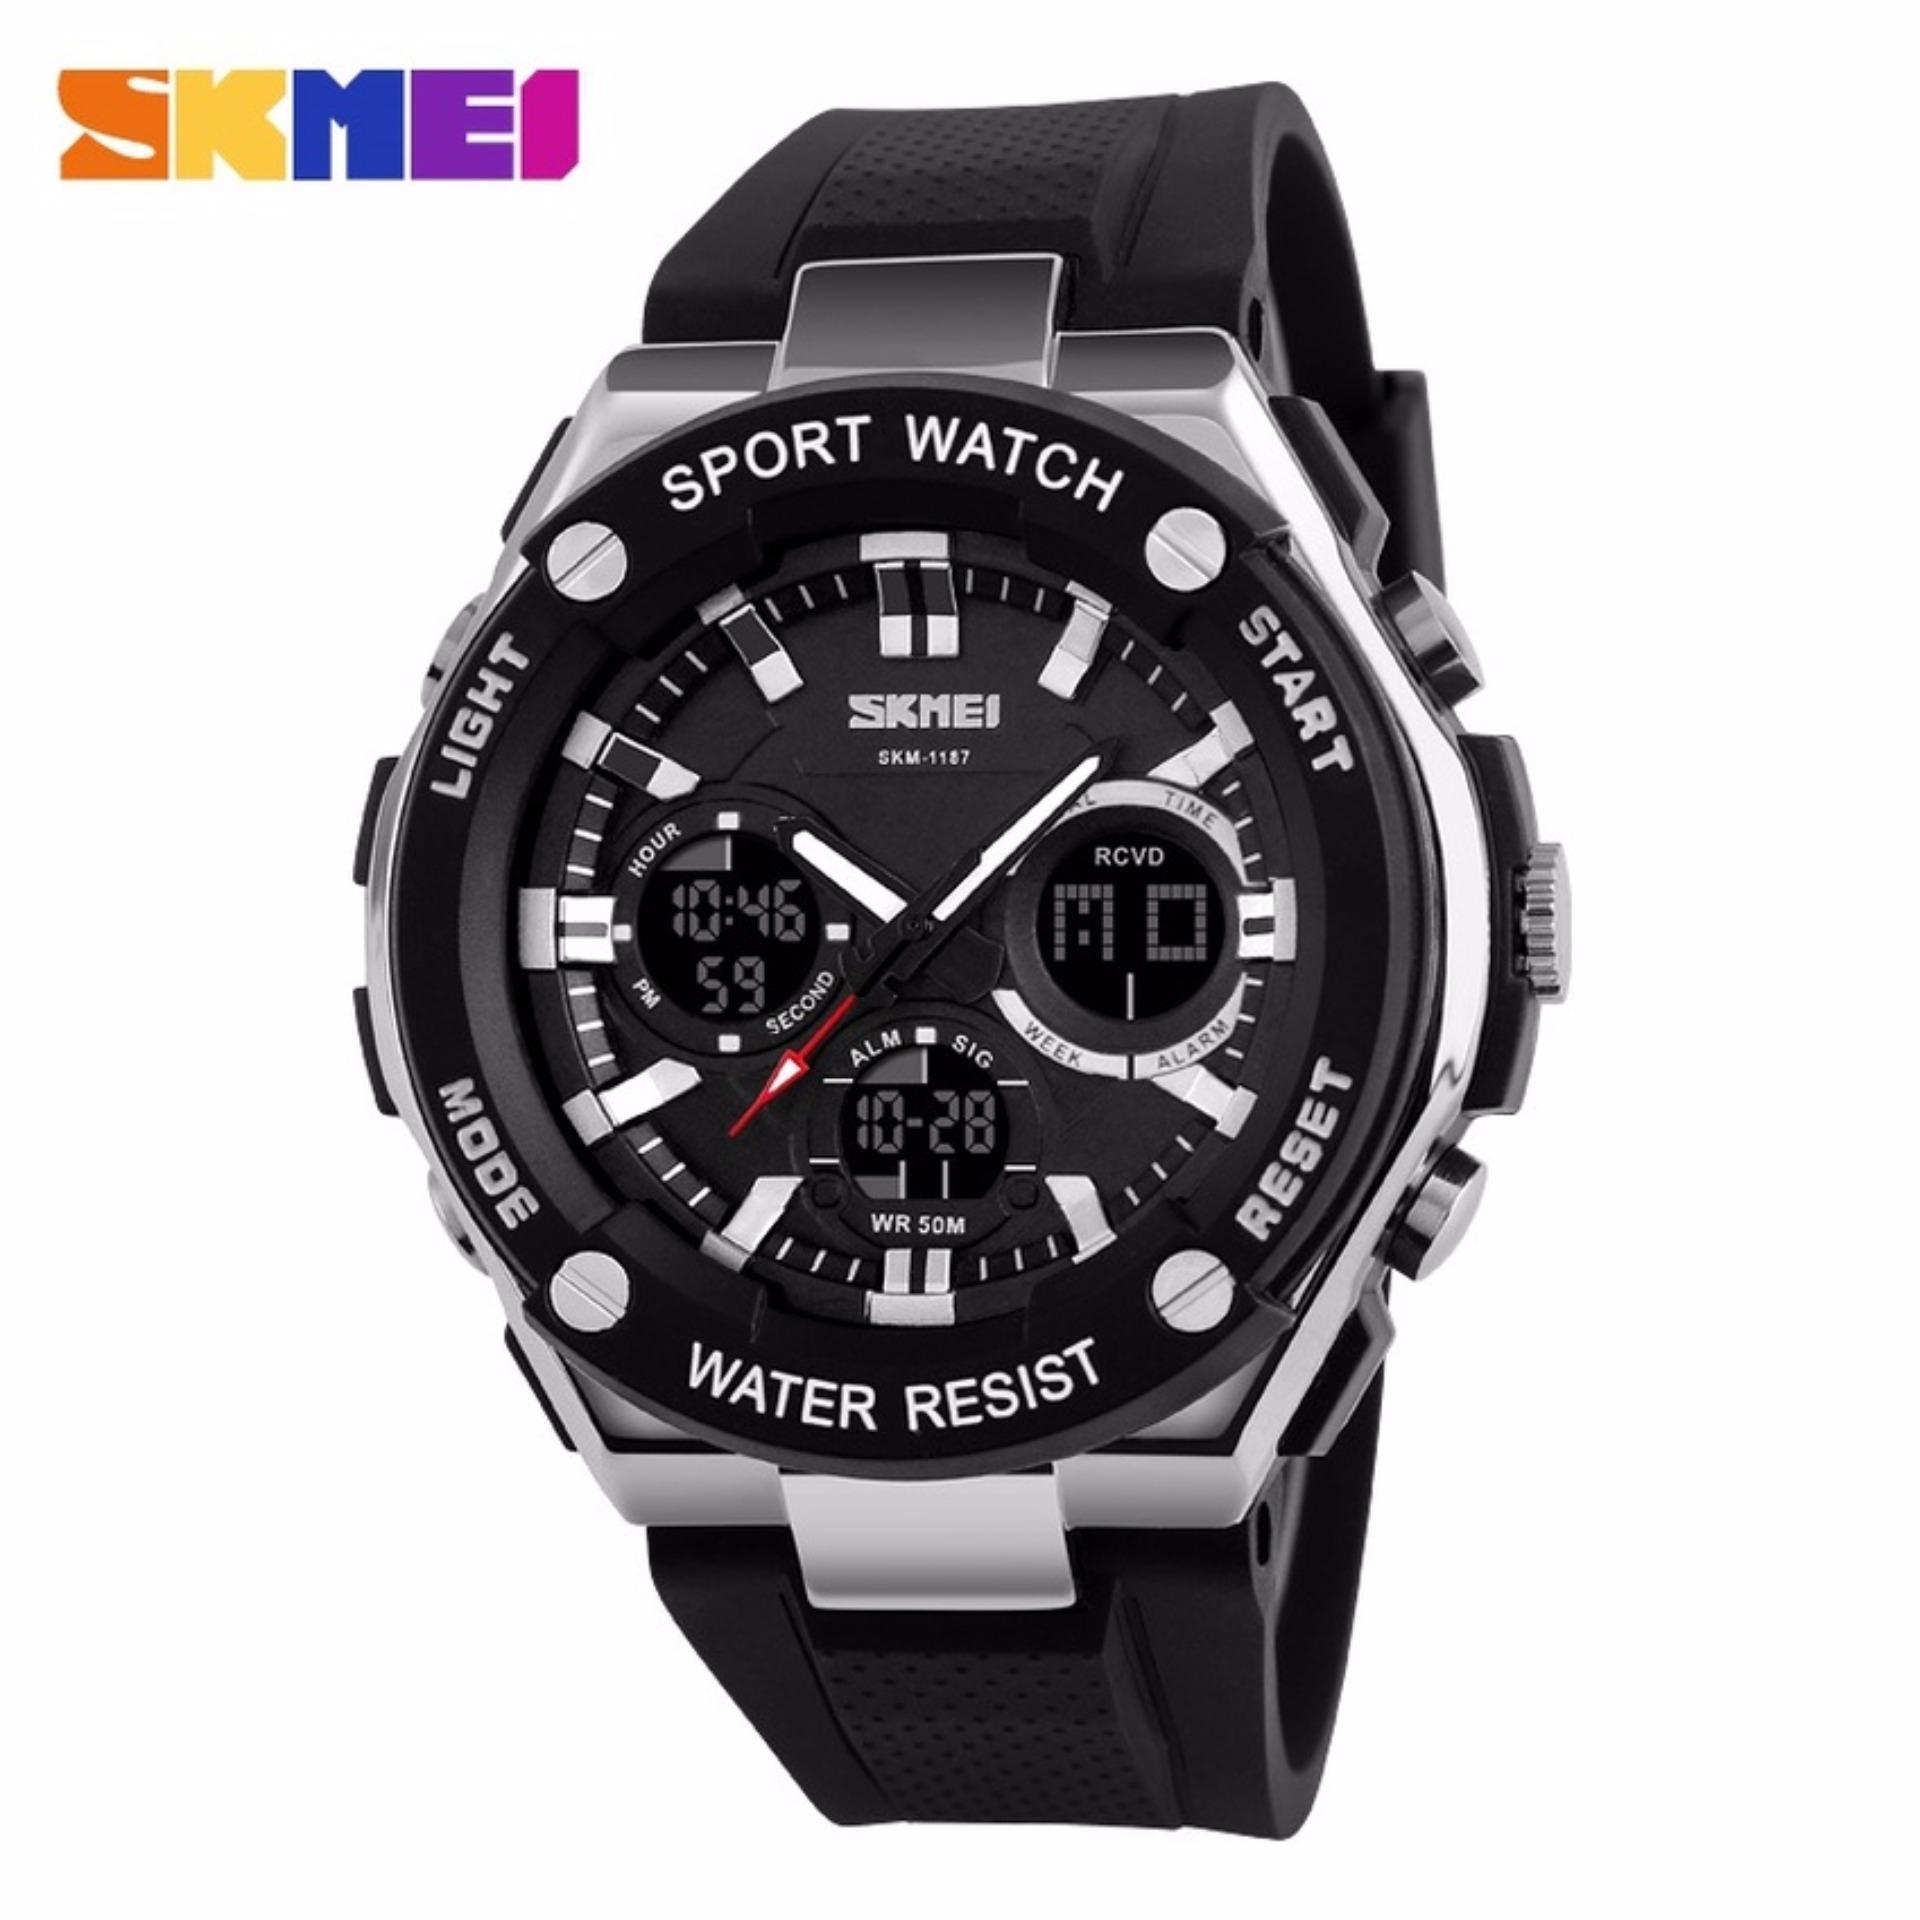 Nyaman Digunakan sehari-hari SKMEI Dual Time Men Sport LED Watch Anti Air Water Resistant WR 50m AD1187 Jam Tangan